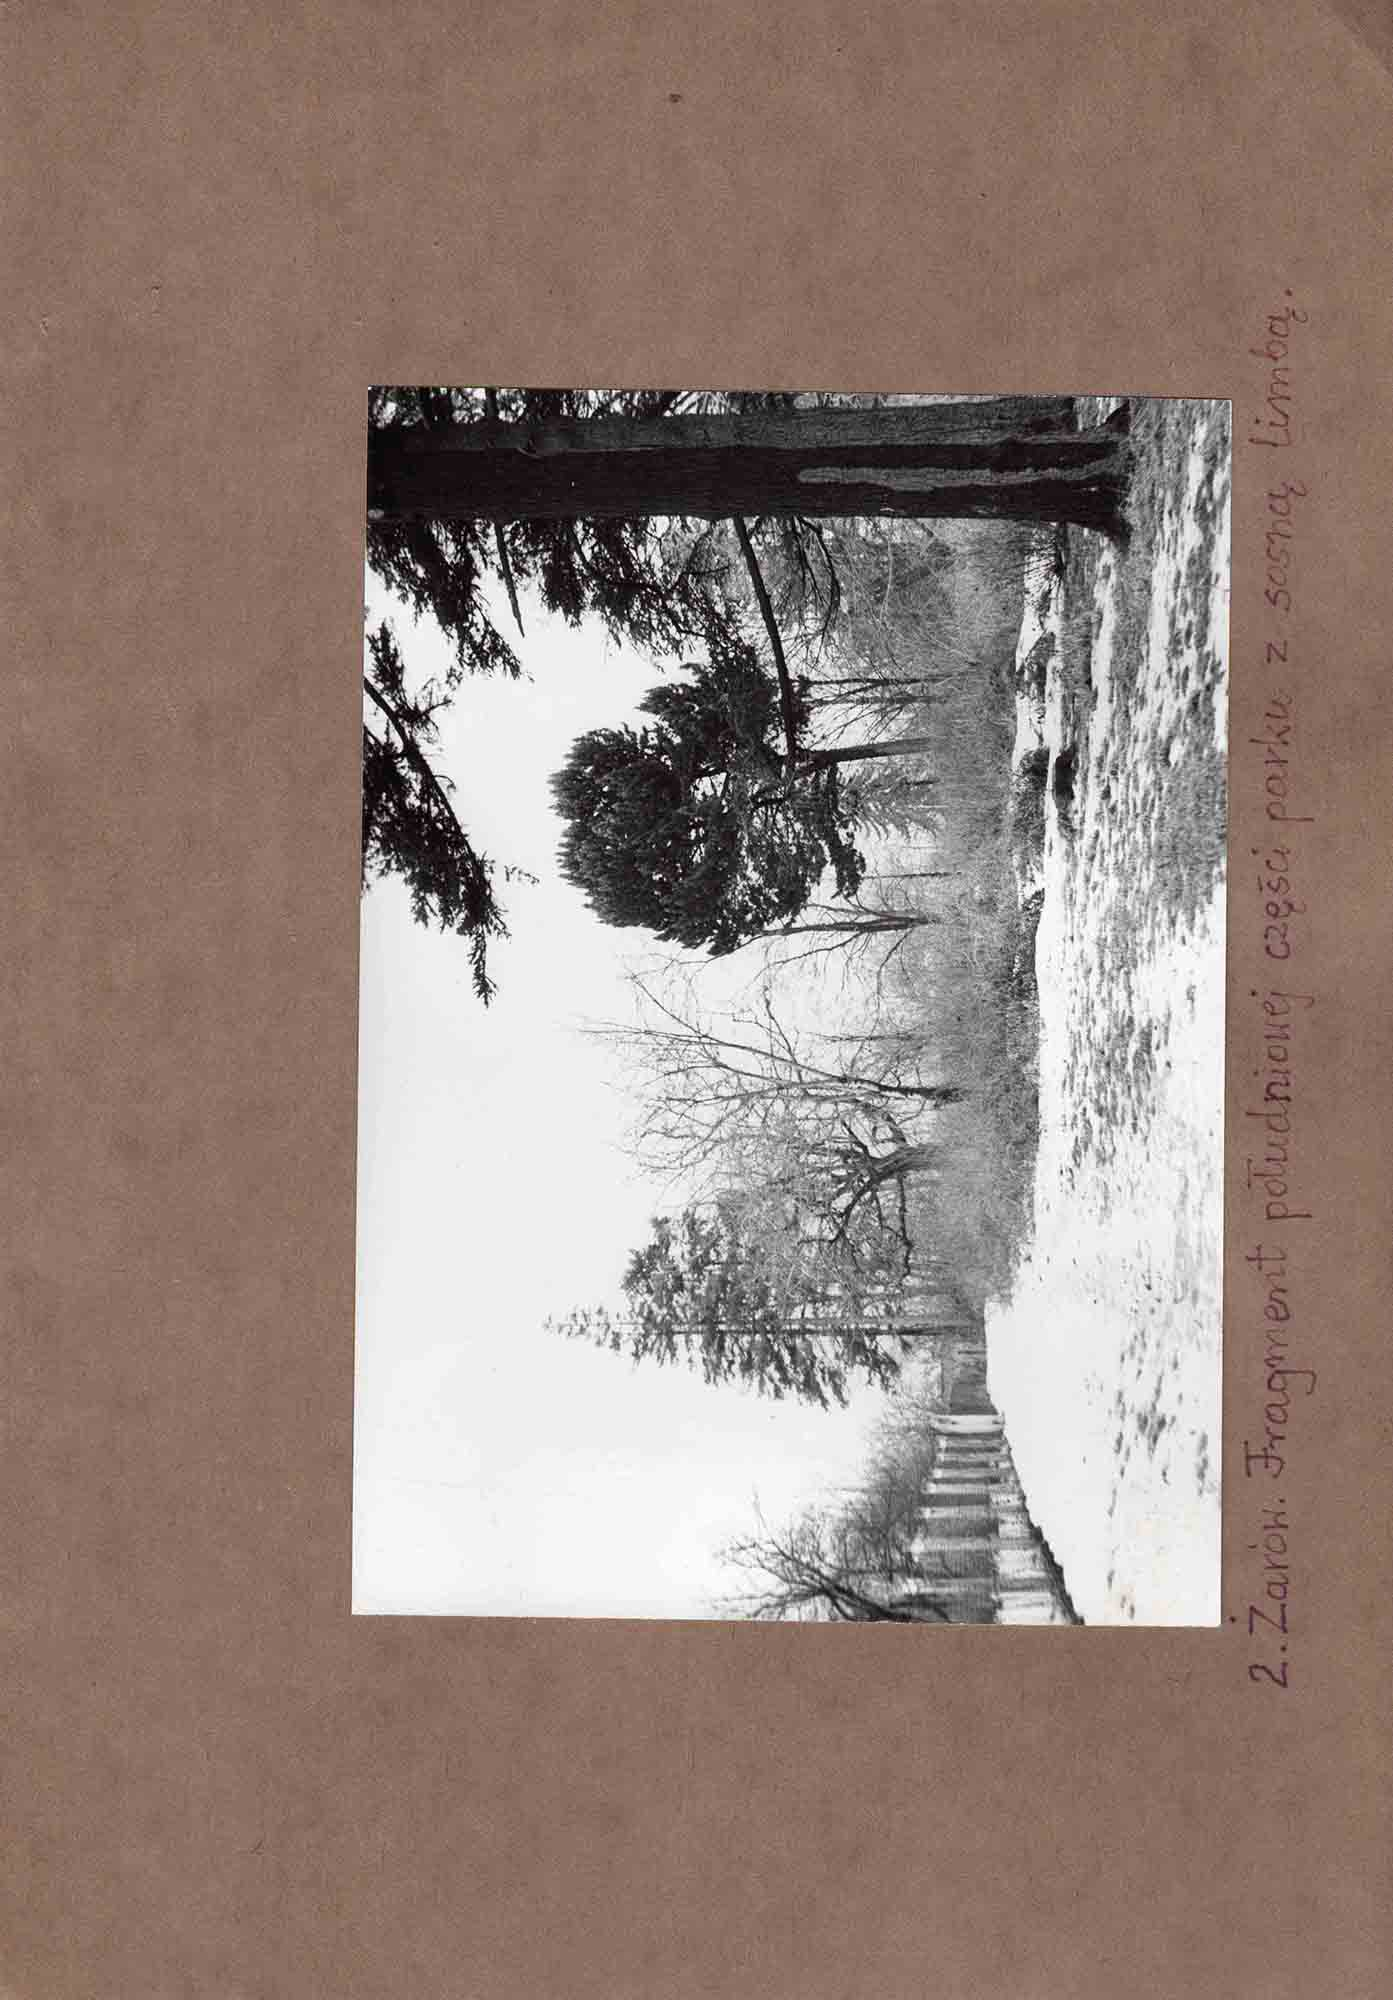 Ewidencja założenia ogrodowo-parkowego 1987 dokument (16)